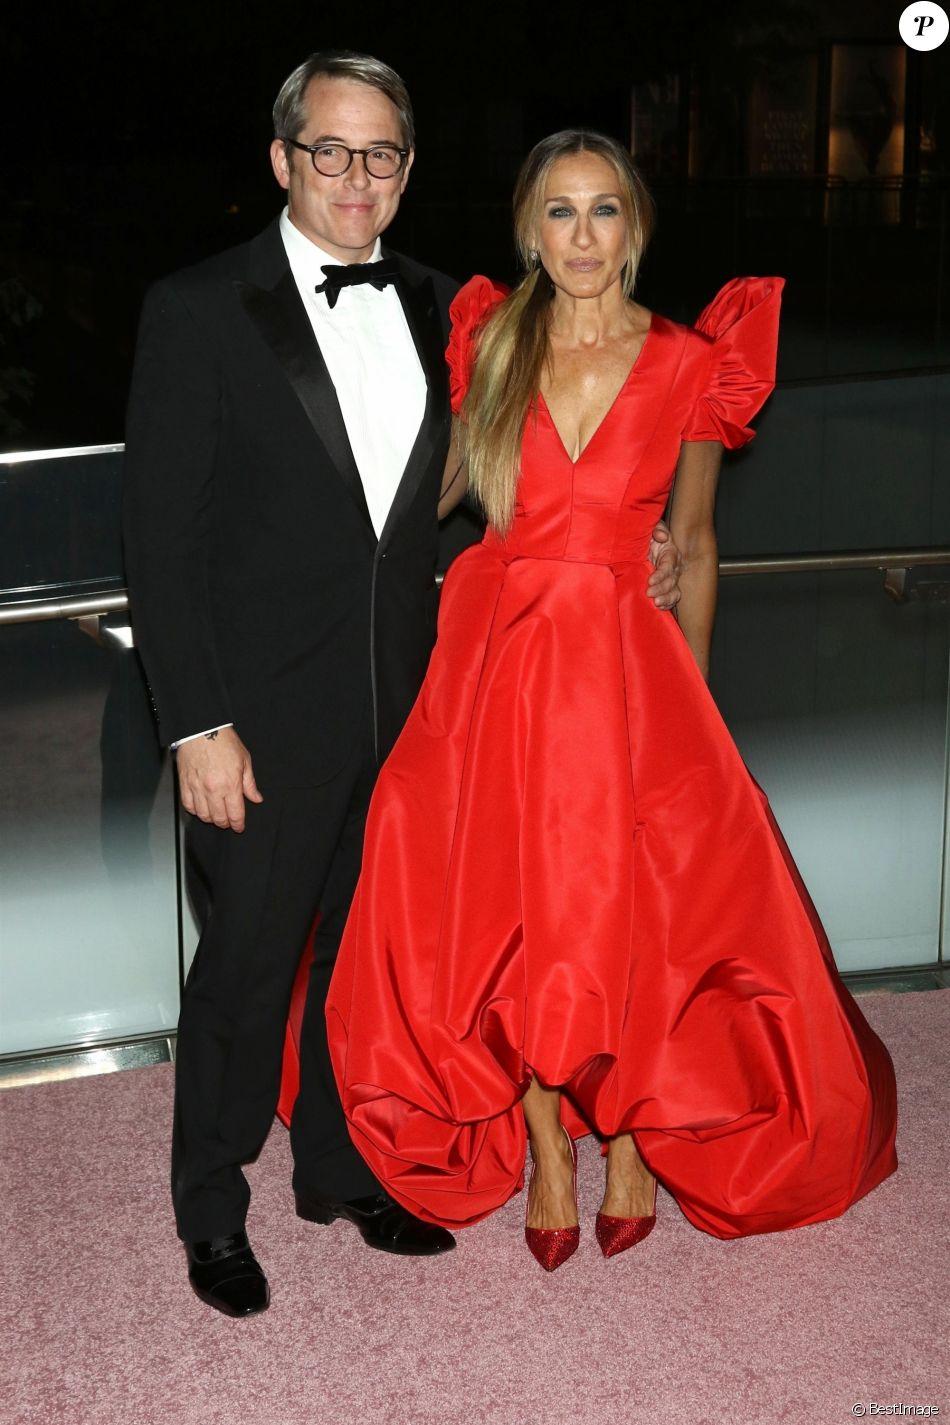 Matthew Broderick et sa femme Sarah Jessica Parker - Les célébrités arrivent à la soirée New York City Ballet 2018 au théâtre David H. Koch au Lincoln Center à New York City, le 27 septembre 2018